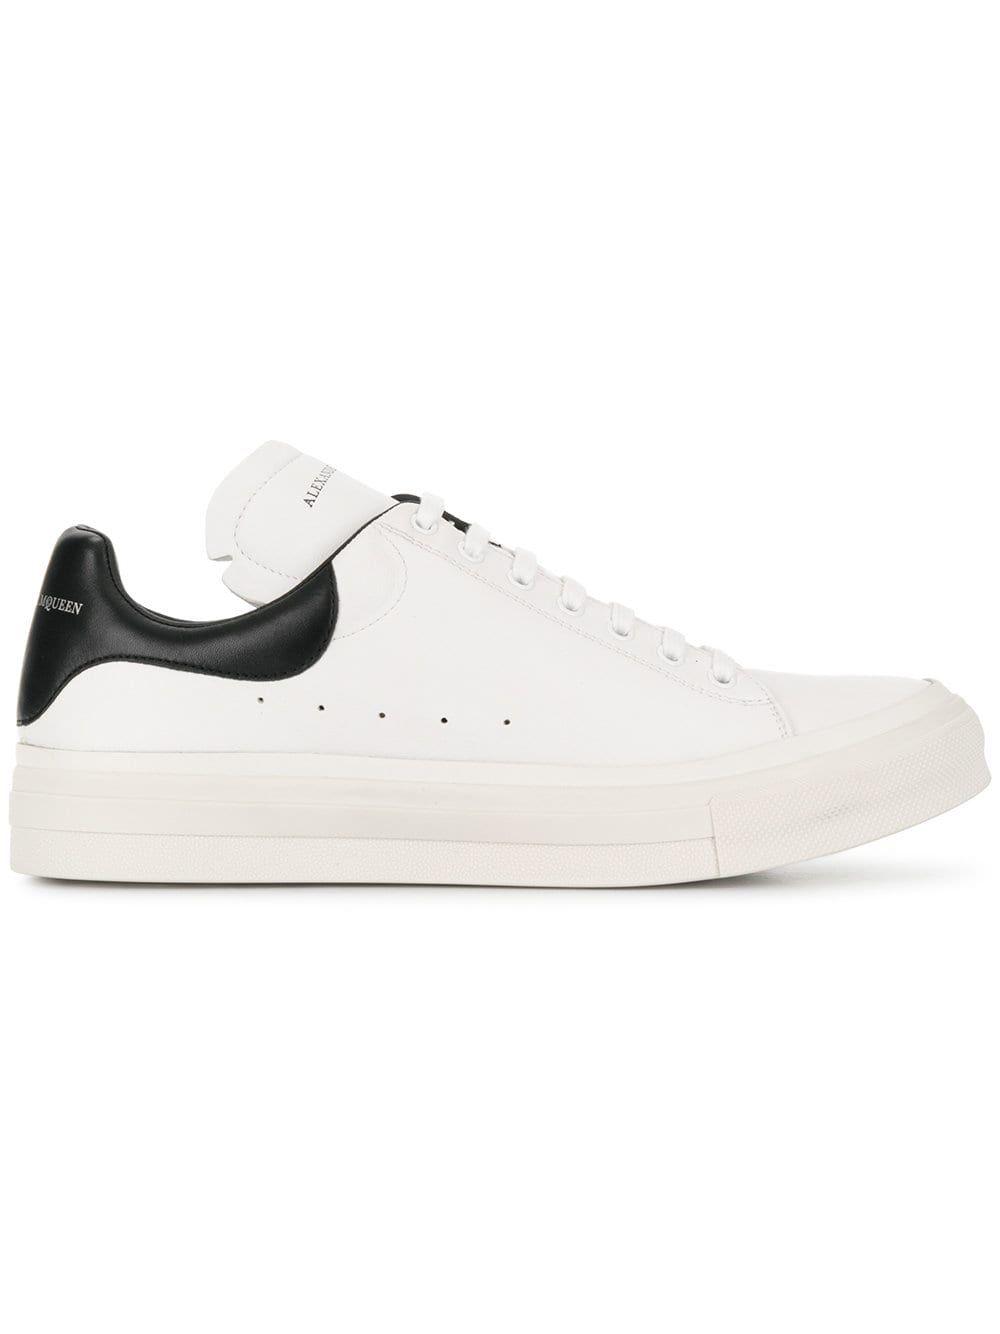 Alexander Mcqueen Low-top Sneakers